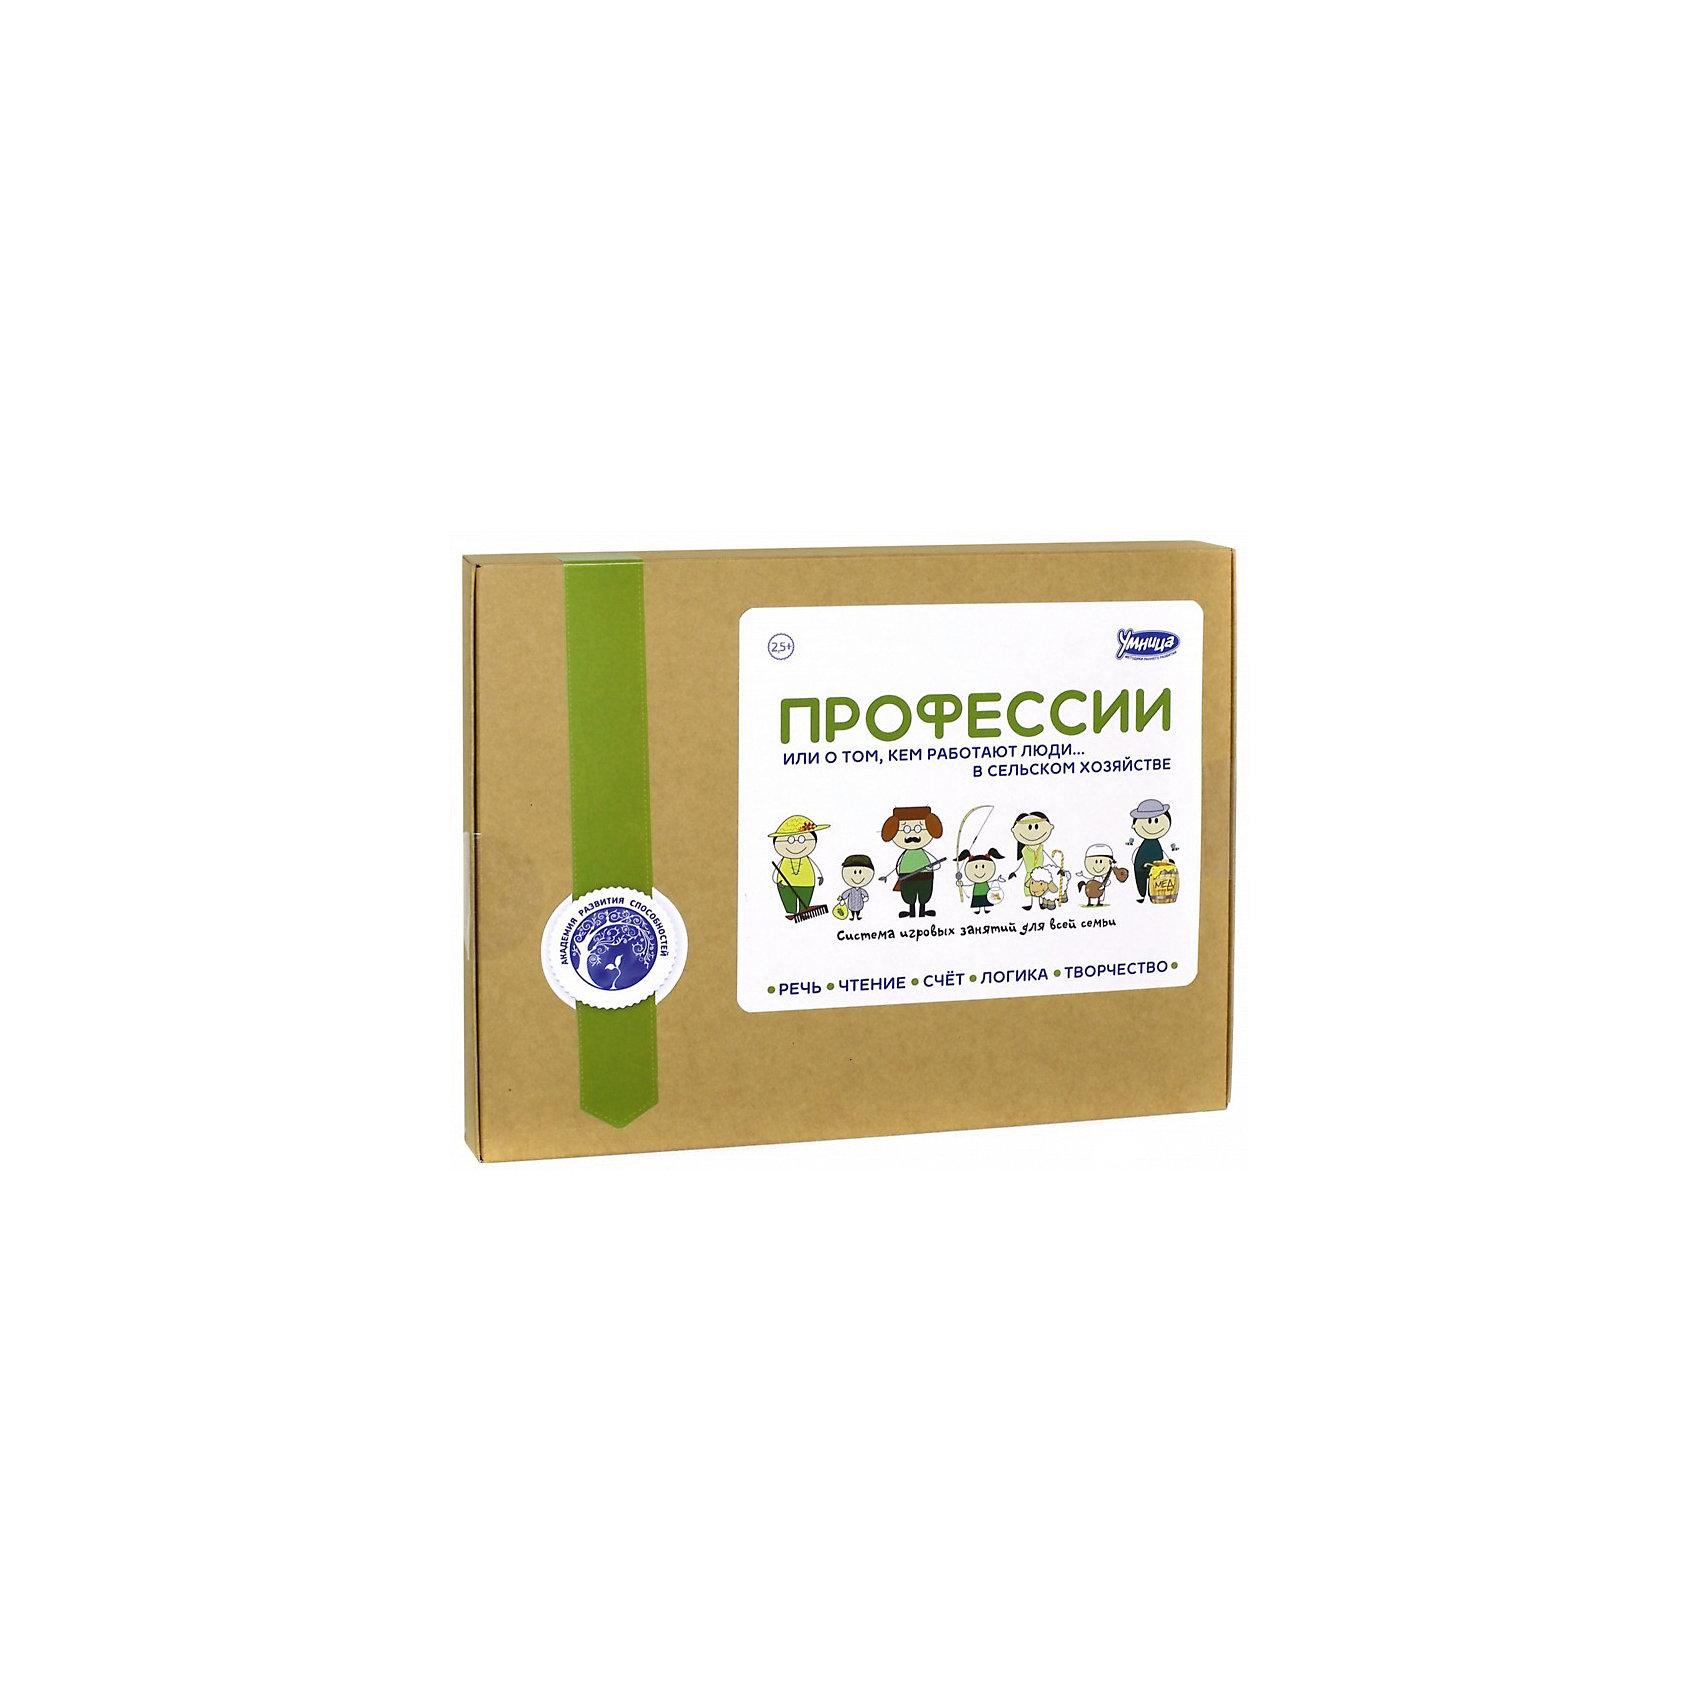 Настольная игра  Профессии: Сельское хозяйствоУмница<br>Характеристики:<br><br>• Вид игр: обучающие, развивающие<br>• Серия: Развивающие книги<br>• Материал: картон, бумага<br>• Комплектация: 3 книги о профессиях, набор карточек с буквами и цифрами, комплект игровых фишек<br>• Тип упаковки: картонная коробка<br>• Размеры упаковки (Д*Ш*В): 30,5*23,5*28 см<br>• Вес в упаковке: 1 кг 240 г<br><br>Книга Профессии: Сельское хозяйство состоит из 3 книжек, в которых приведено описание рода занятий людей, занятых в сельском хозяйстве: фермер, мельник, охотник, мелиоратор, агроном и многие другие. Каждая профессия сопровождается иллюстративным материалом и текстами. Текстовая часть приведена в сжатой форме и адаптирована для детей дошкольного возраста. Дополнительно в комплекте предусмотрены рекомендации для родителей. <br><br>Книга Профессии: Сельское хозяйство выполнена по типу комплексной методики: она содержит в себе не только обучающий материал (порядка 100 занятий), но и задания для закрепления пройденного материала. Занятия с данной книгой позволят расширить словарный запас слов, обогатить кругозор вашего ребенка и повысить уровень его эрудиции.<br><br>Книгу Профессии: Сельское хозяйство можно купить в нашем интернет-магазине.<br><br>Ширина мм: 305<br>Глубина мм: 235<br>Высота мм: 280<br>Вес г: 1240<br>Возраст от месяцев: 36<br>Возраст до месяцев: 2147483647<br>Пол: Унисекс<br>Возраст: Детский<br>SKU: 5523180